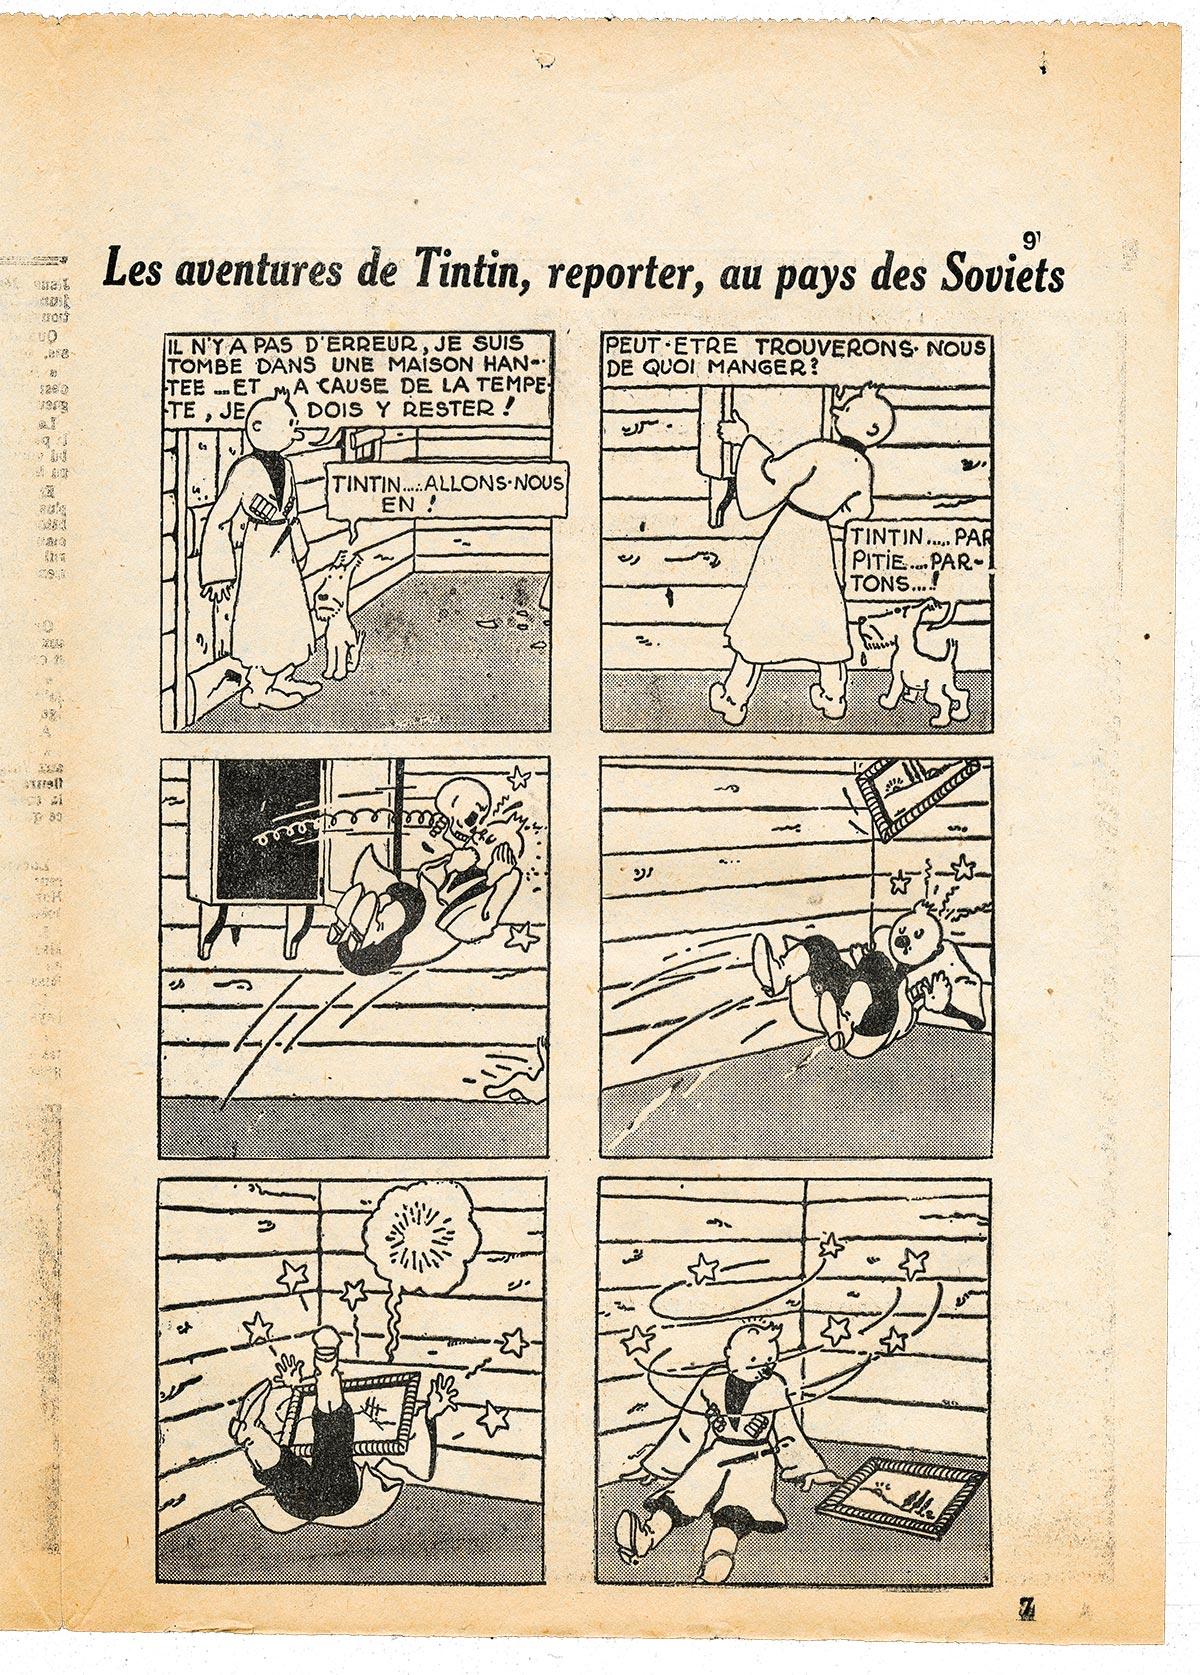 Tintin au pays de Soviets la planche disparue